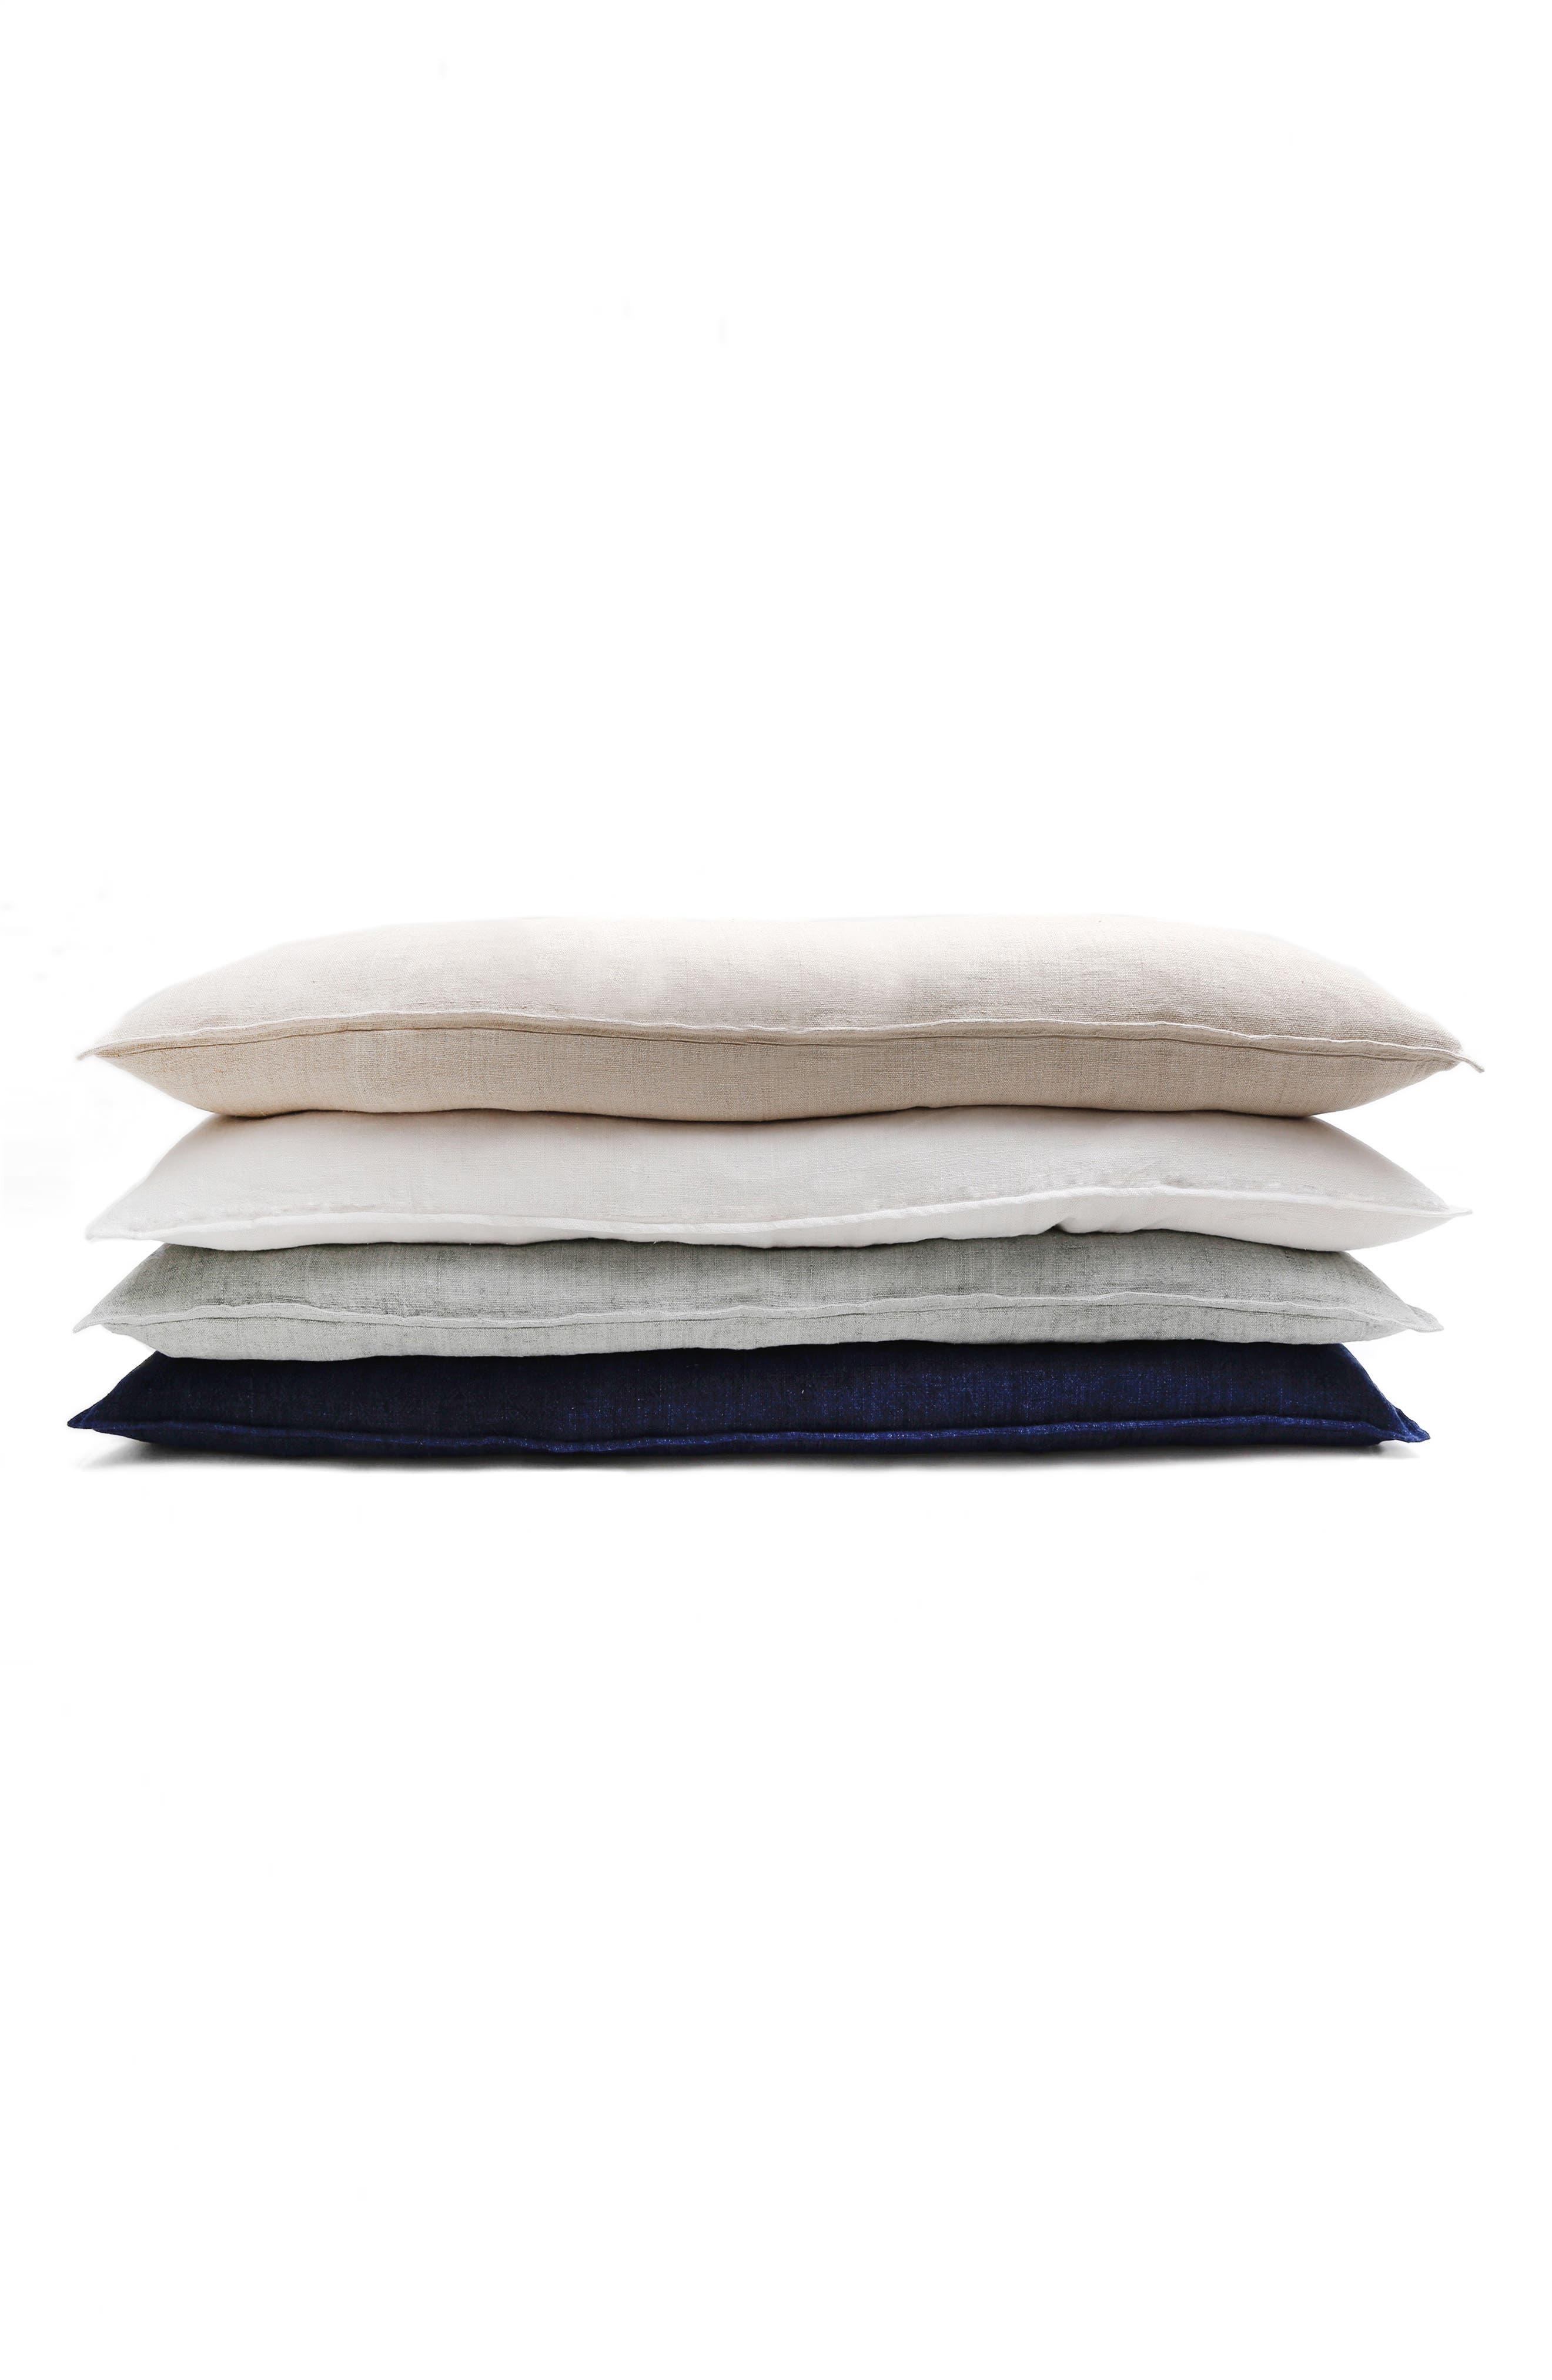 POM POM AT HOME,                             Montauk Body Pillow,                             Alternate thumbnail 2, color,                             WHITE